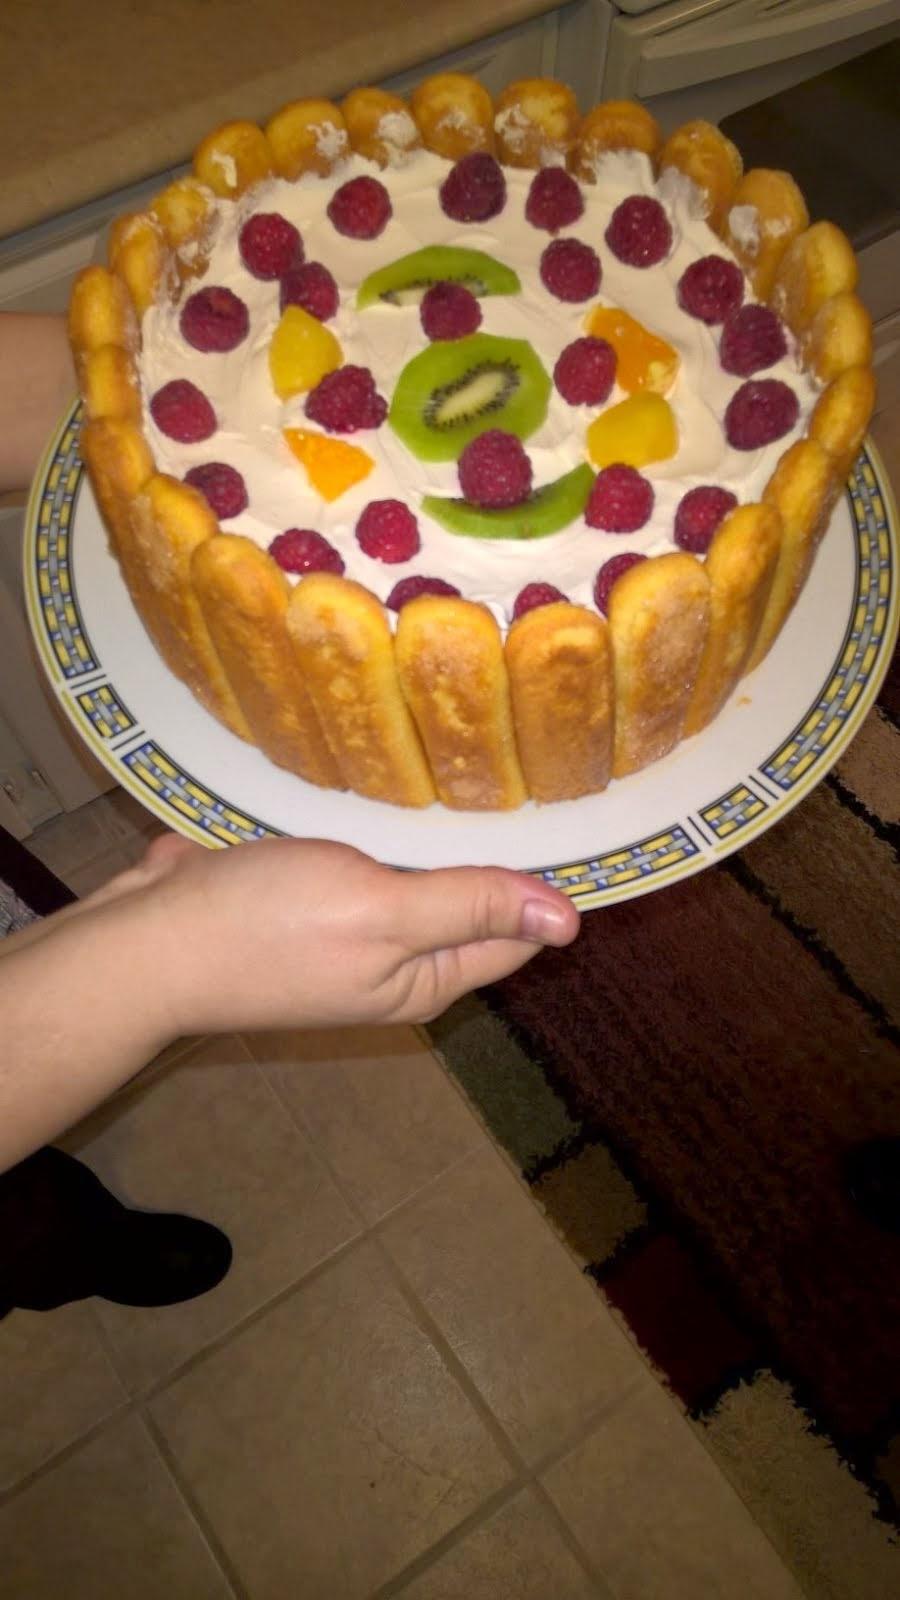 Party de Paști, cu tort făcut pe de-a-ntregul de Gabriela! Bun până la ultima felie, mulțam Gabi!